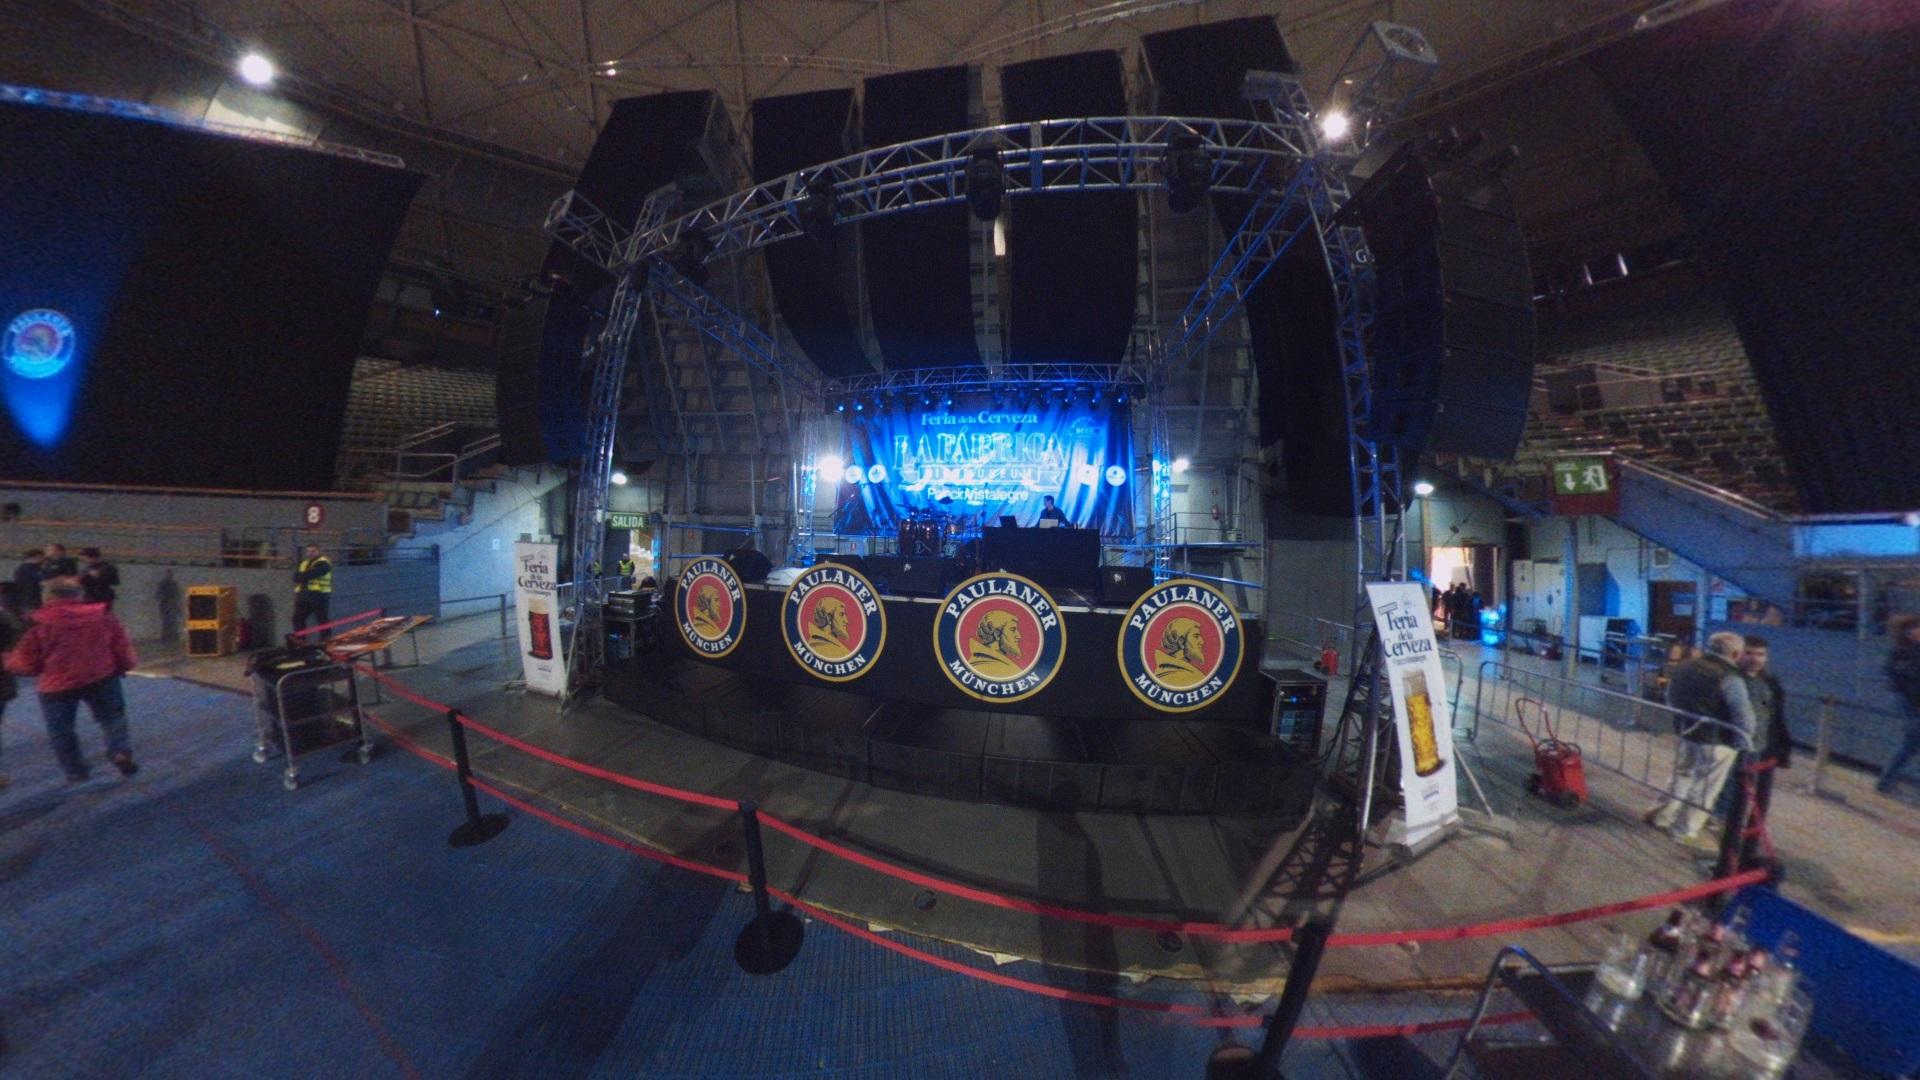 Fotos 360 Escenario de la feria de la cerveza.#VidePan en #FeriaCervezaMad